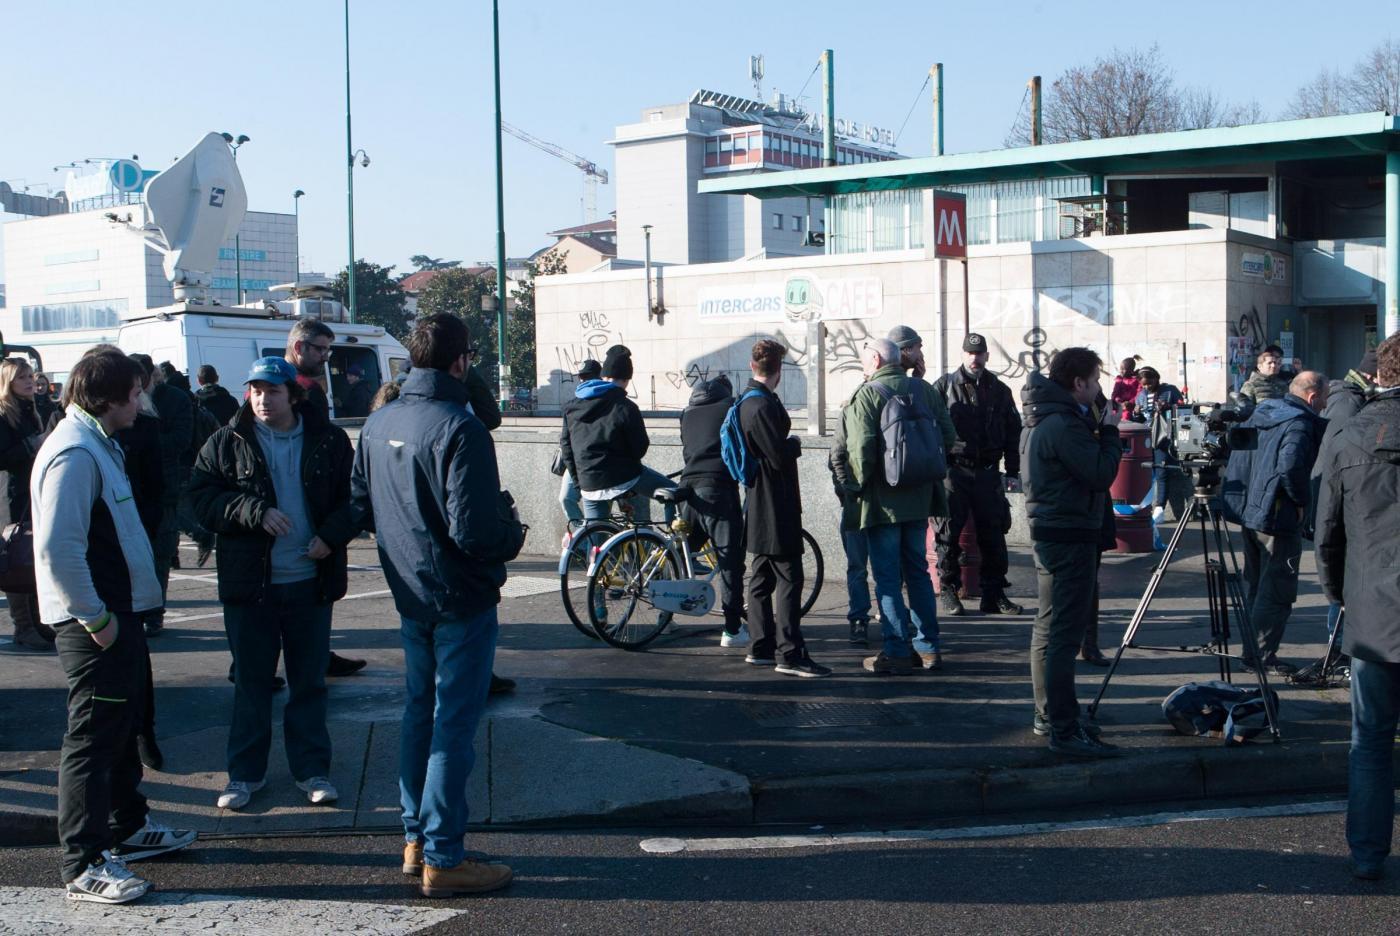 Milano, il luogo dove è stato ucciso il killer di Berlino